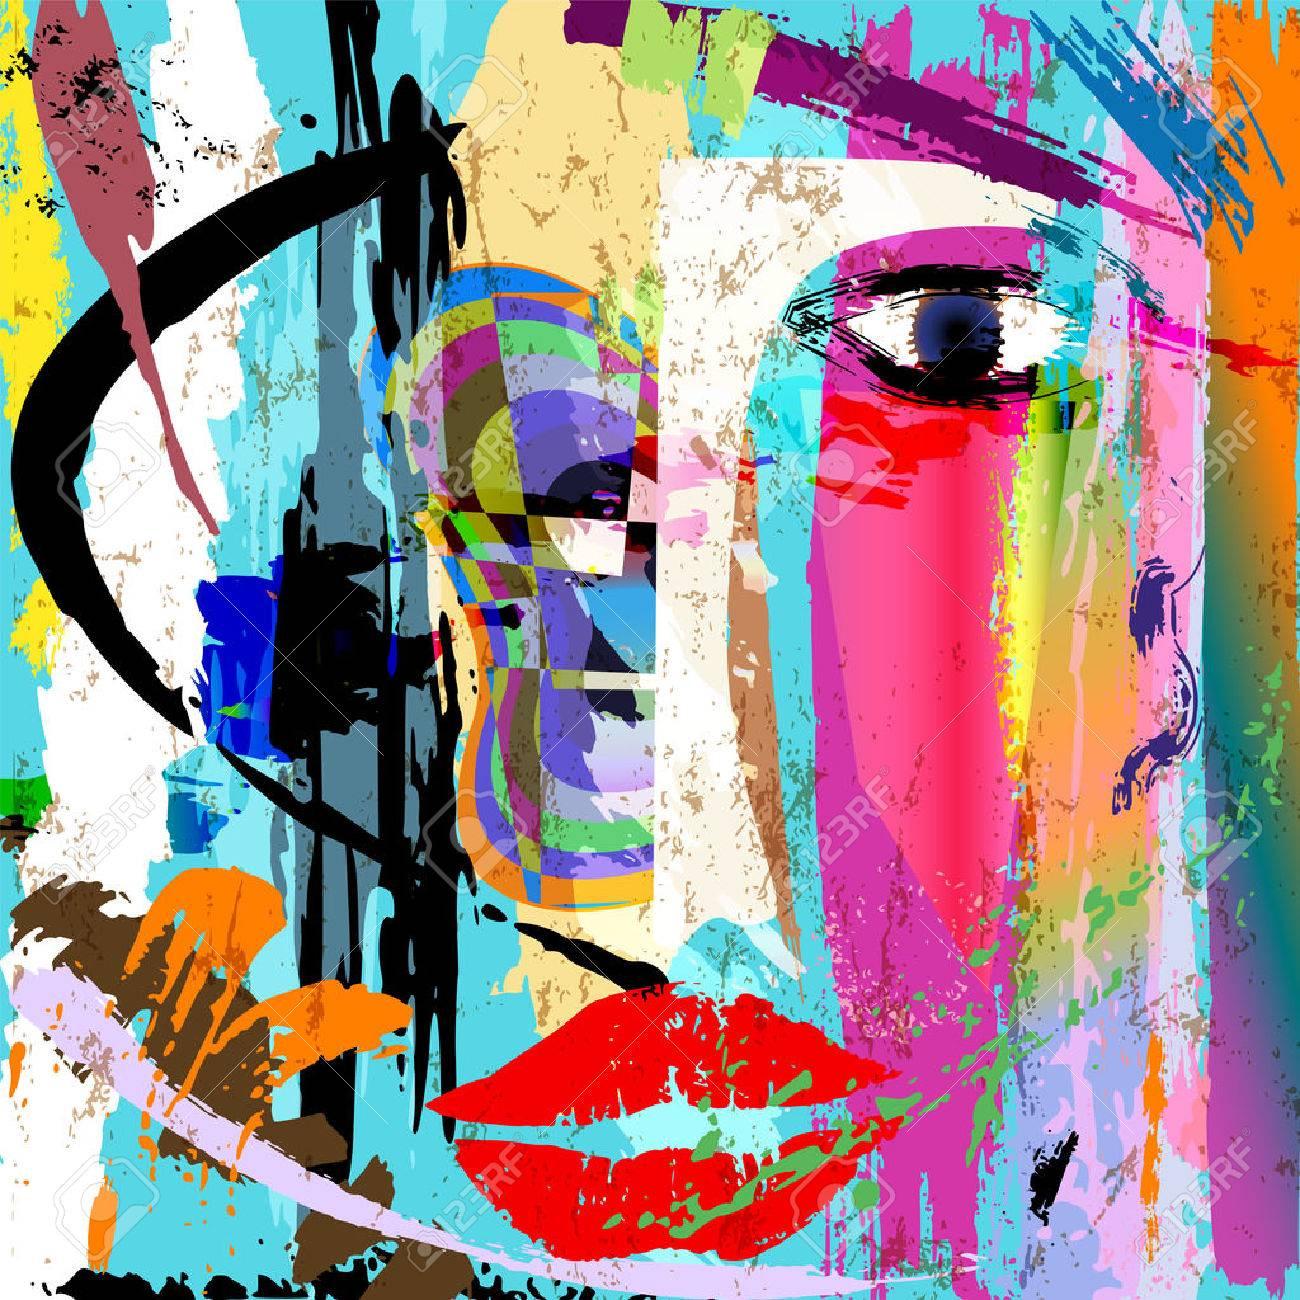 Composition De Fond Abstrait, Avec Des Coups